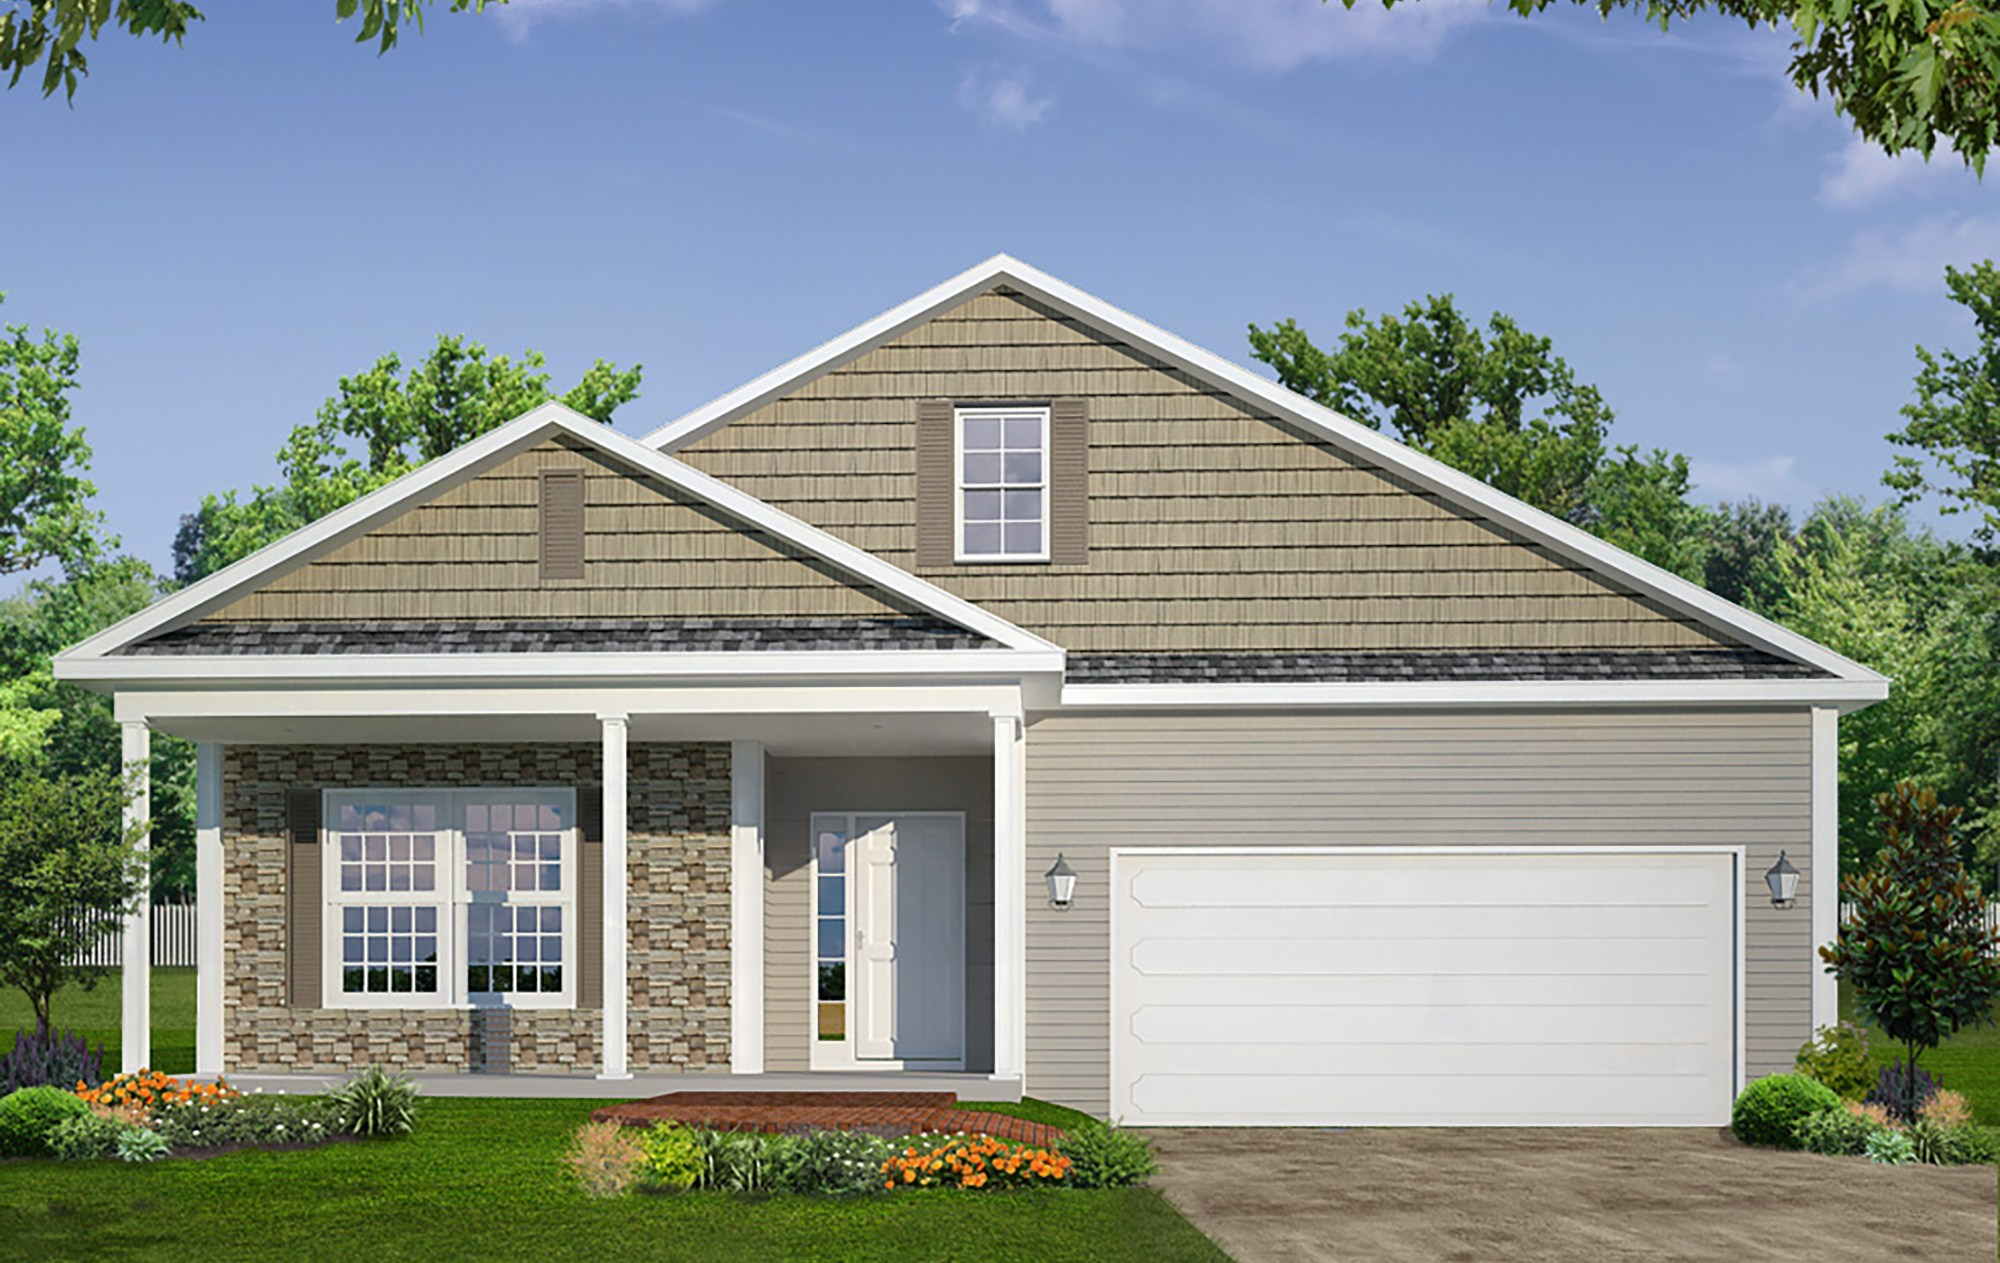 The Cottonwood New Home Construction in Ballston Lake, NY Saratoga County, NY & Clifton Park, NY